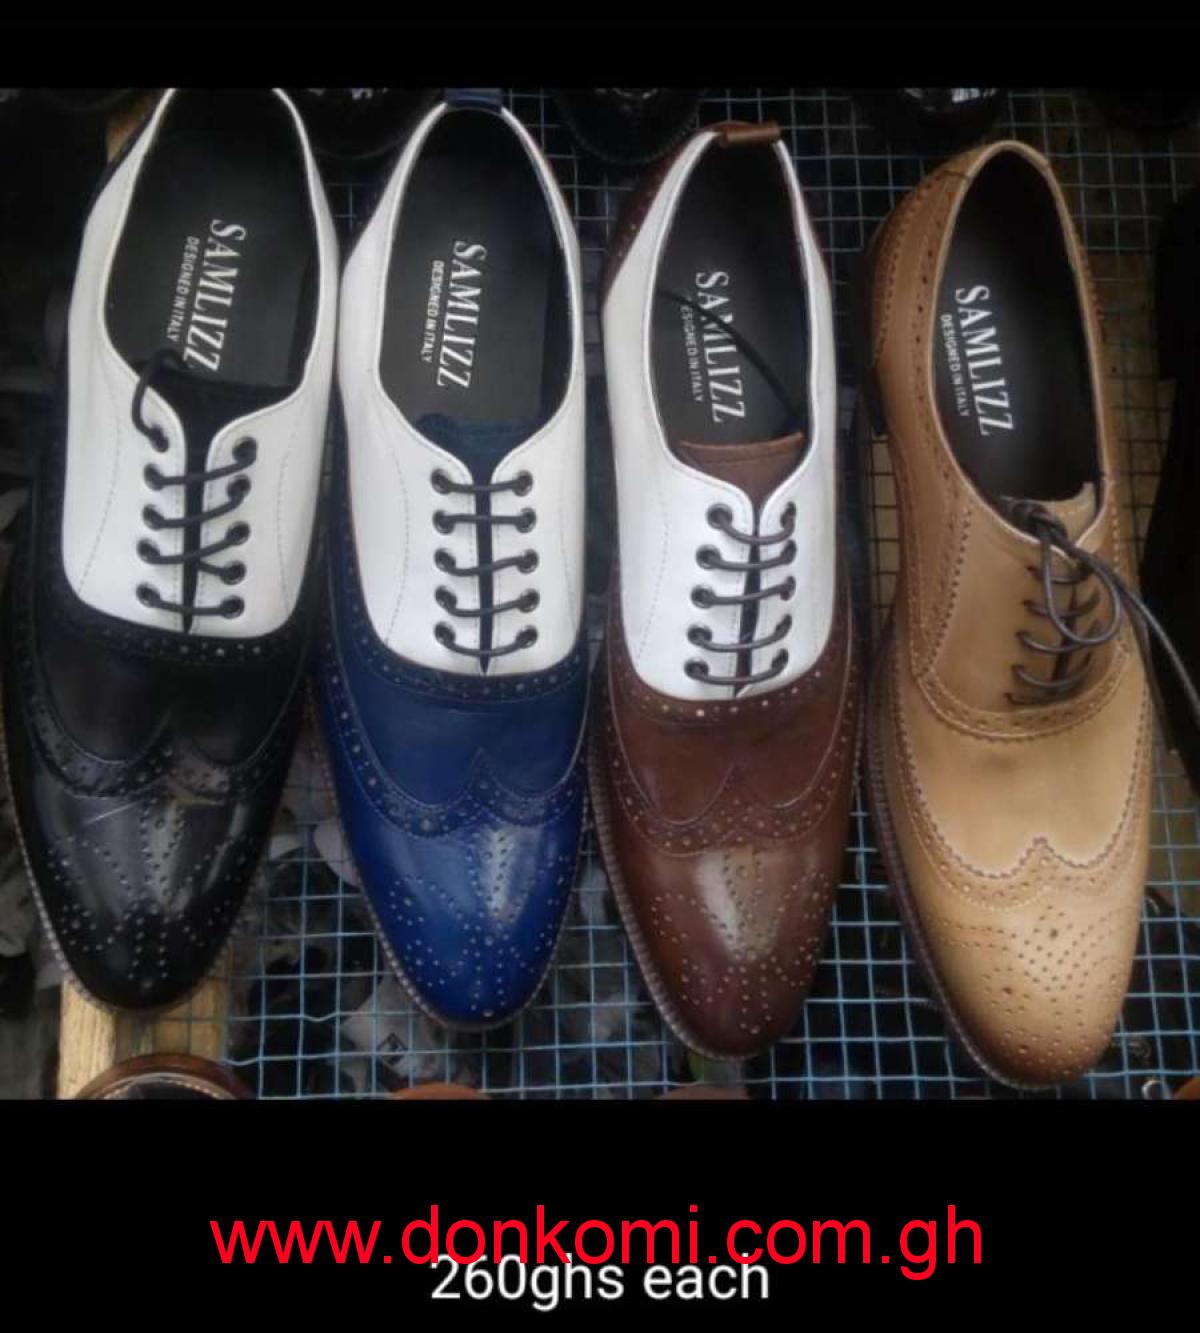 Samlizz Shoes Original